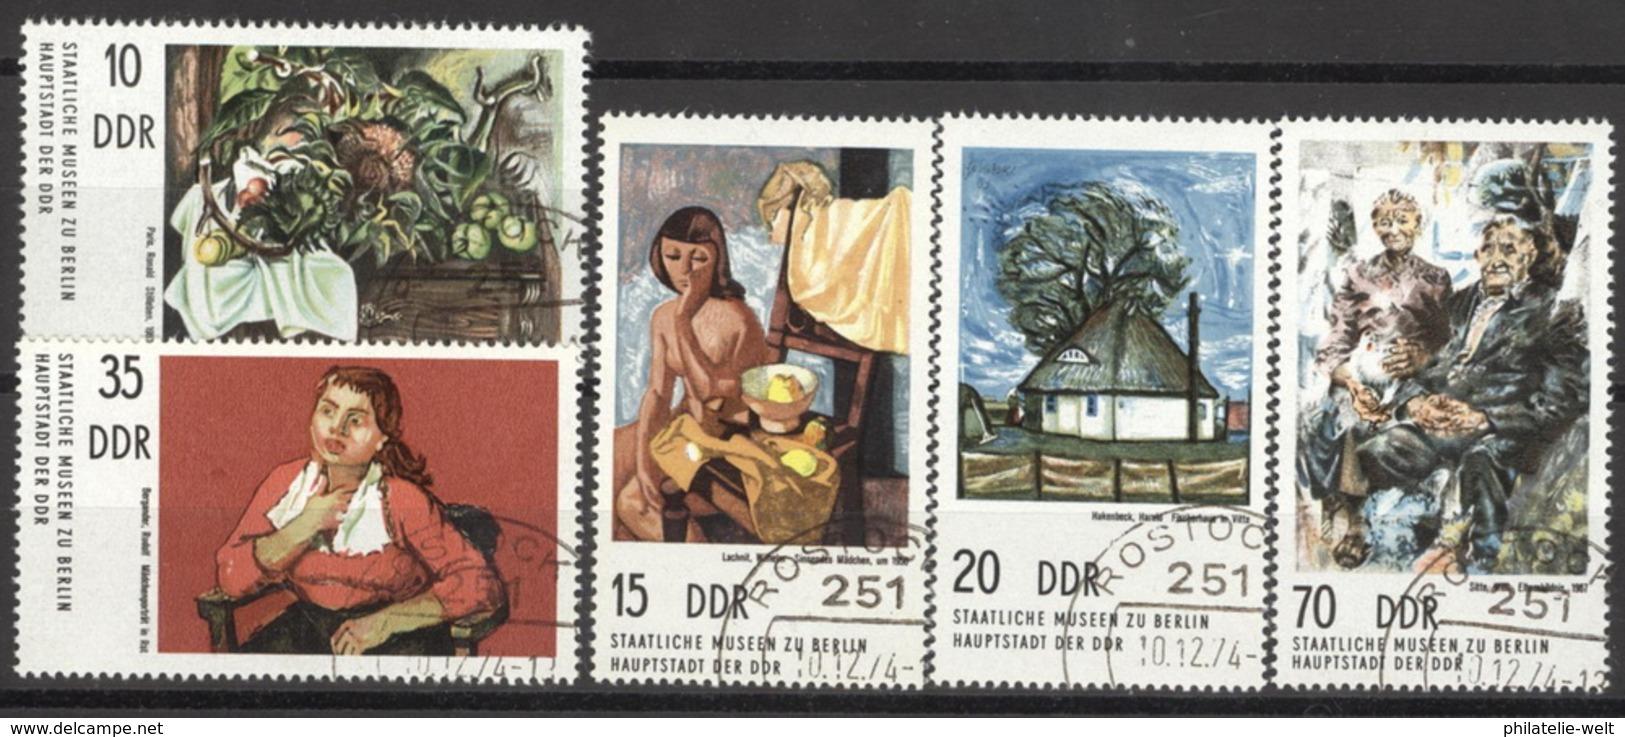 DDR 2001/05 O Tagesstempel - [6] République Démocratique